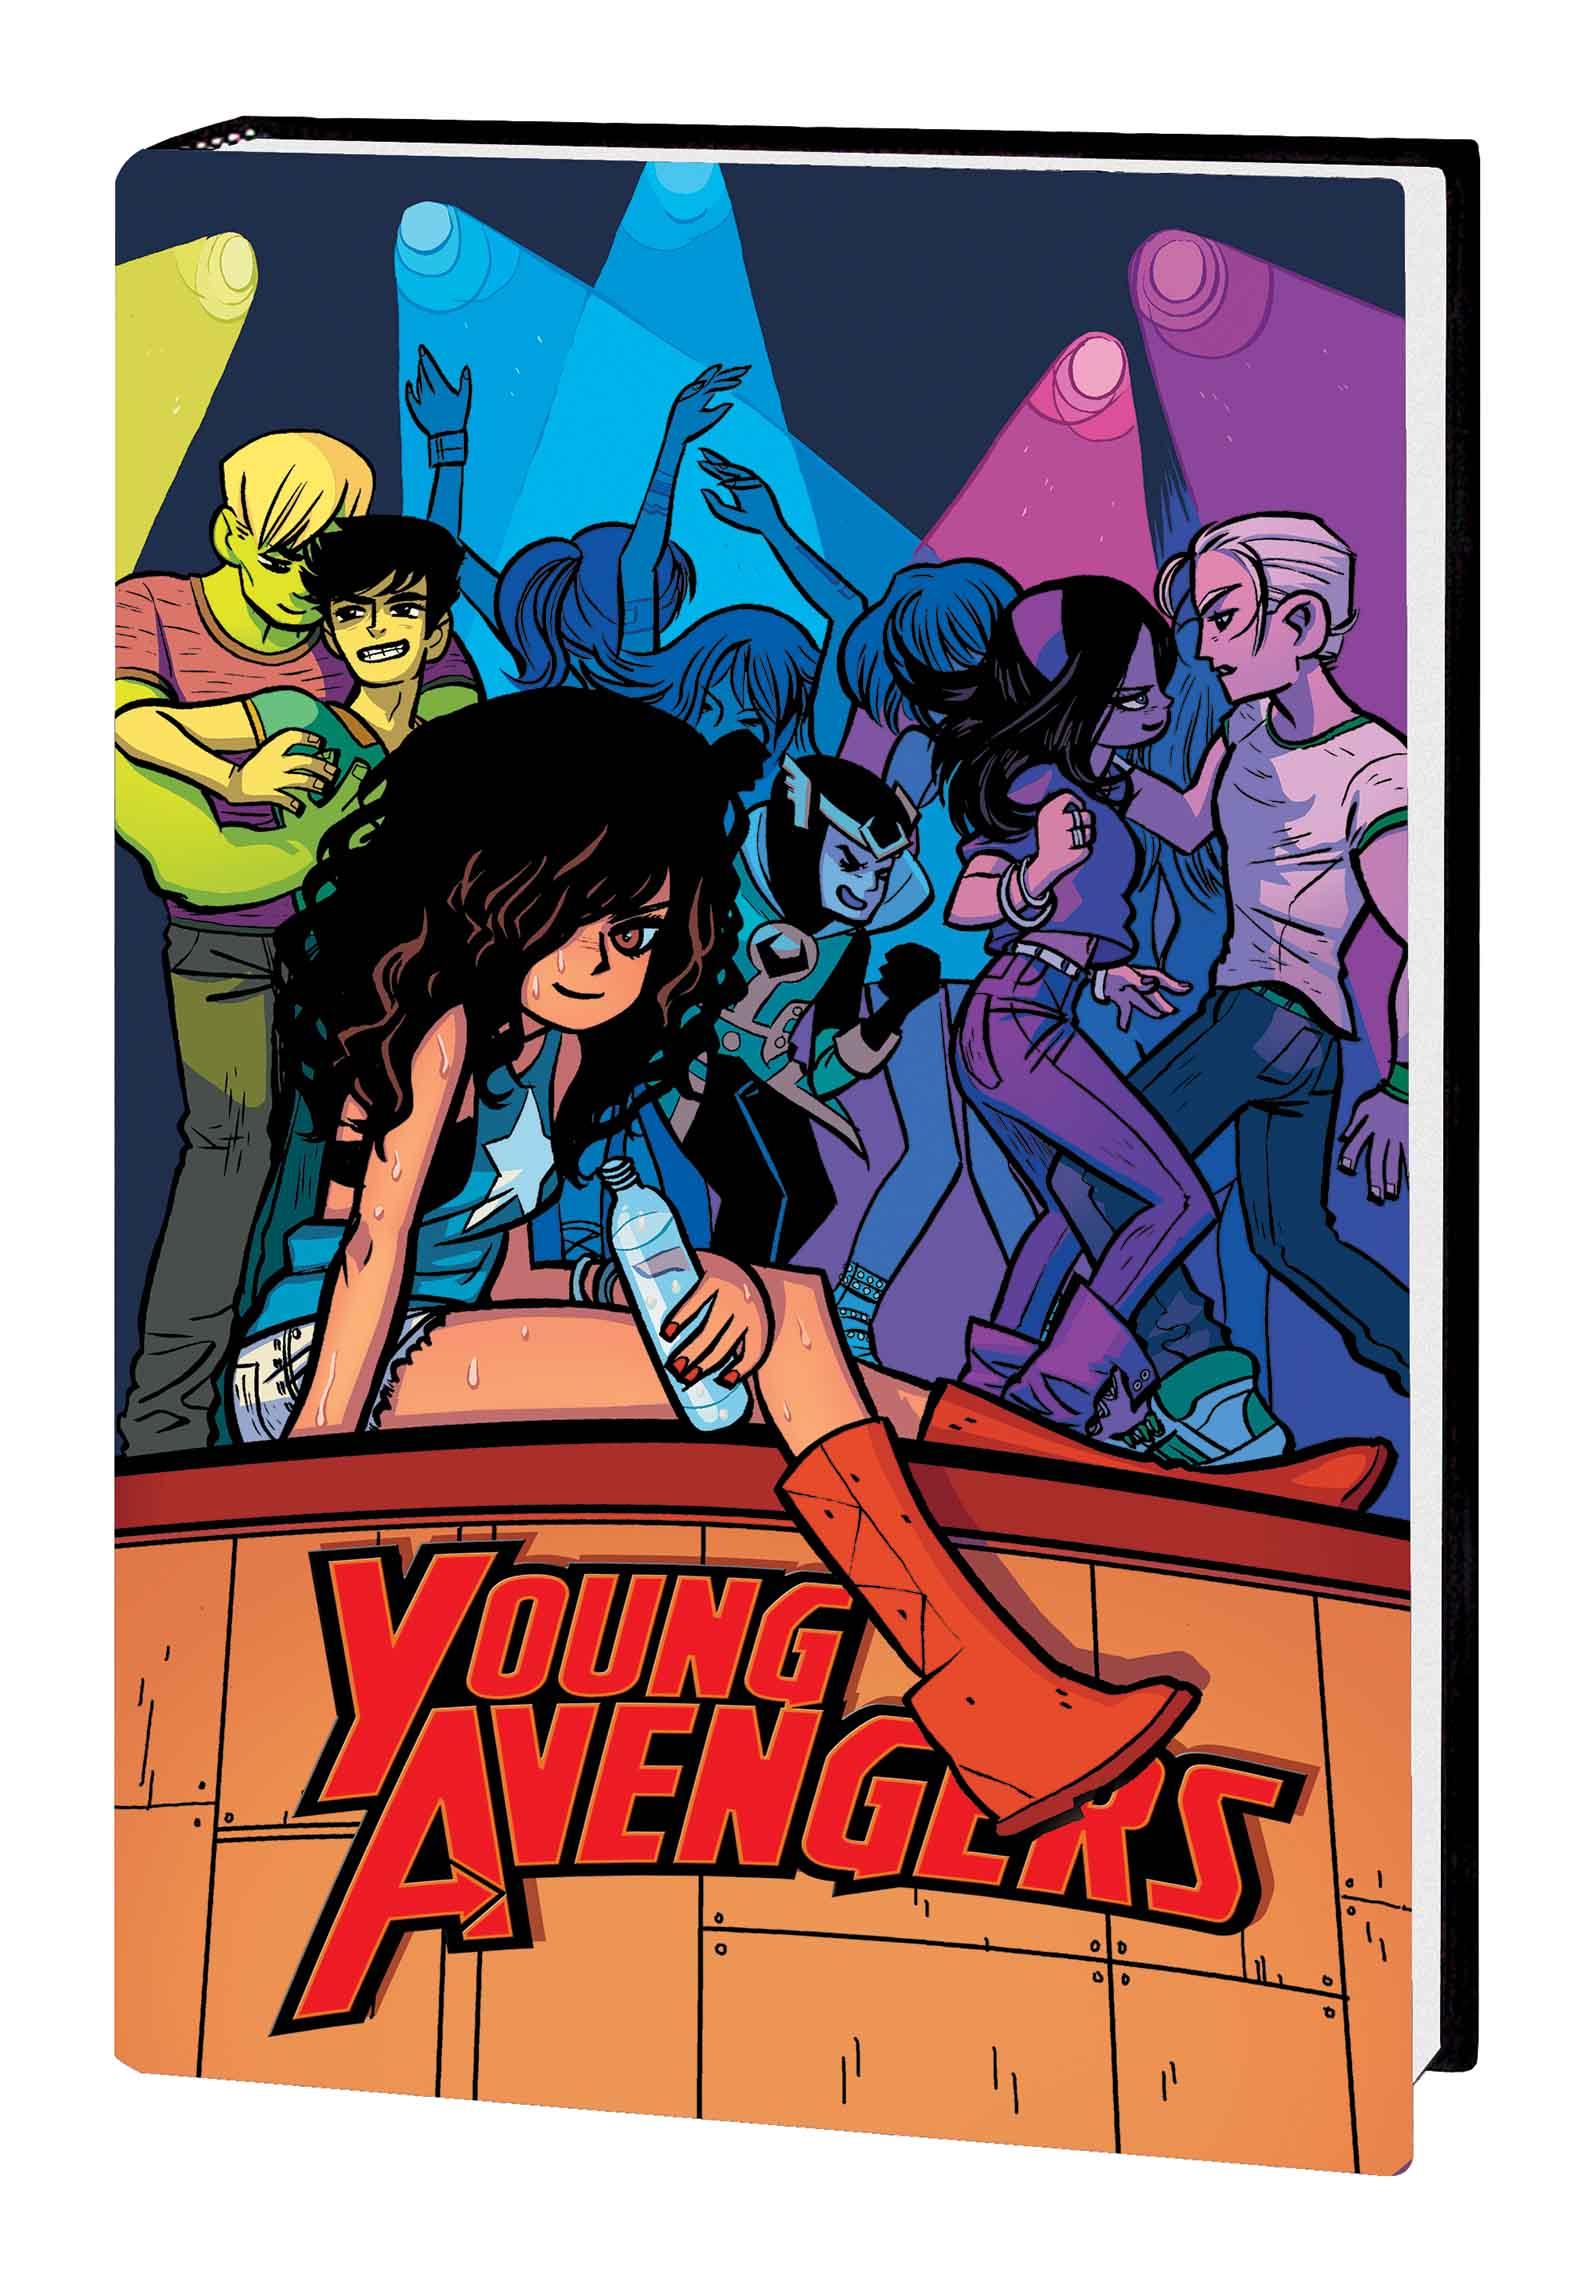 Young Avengers by Kieron Gillen & Jamie Mckelvie (Hardcover)